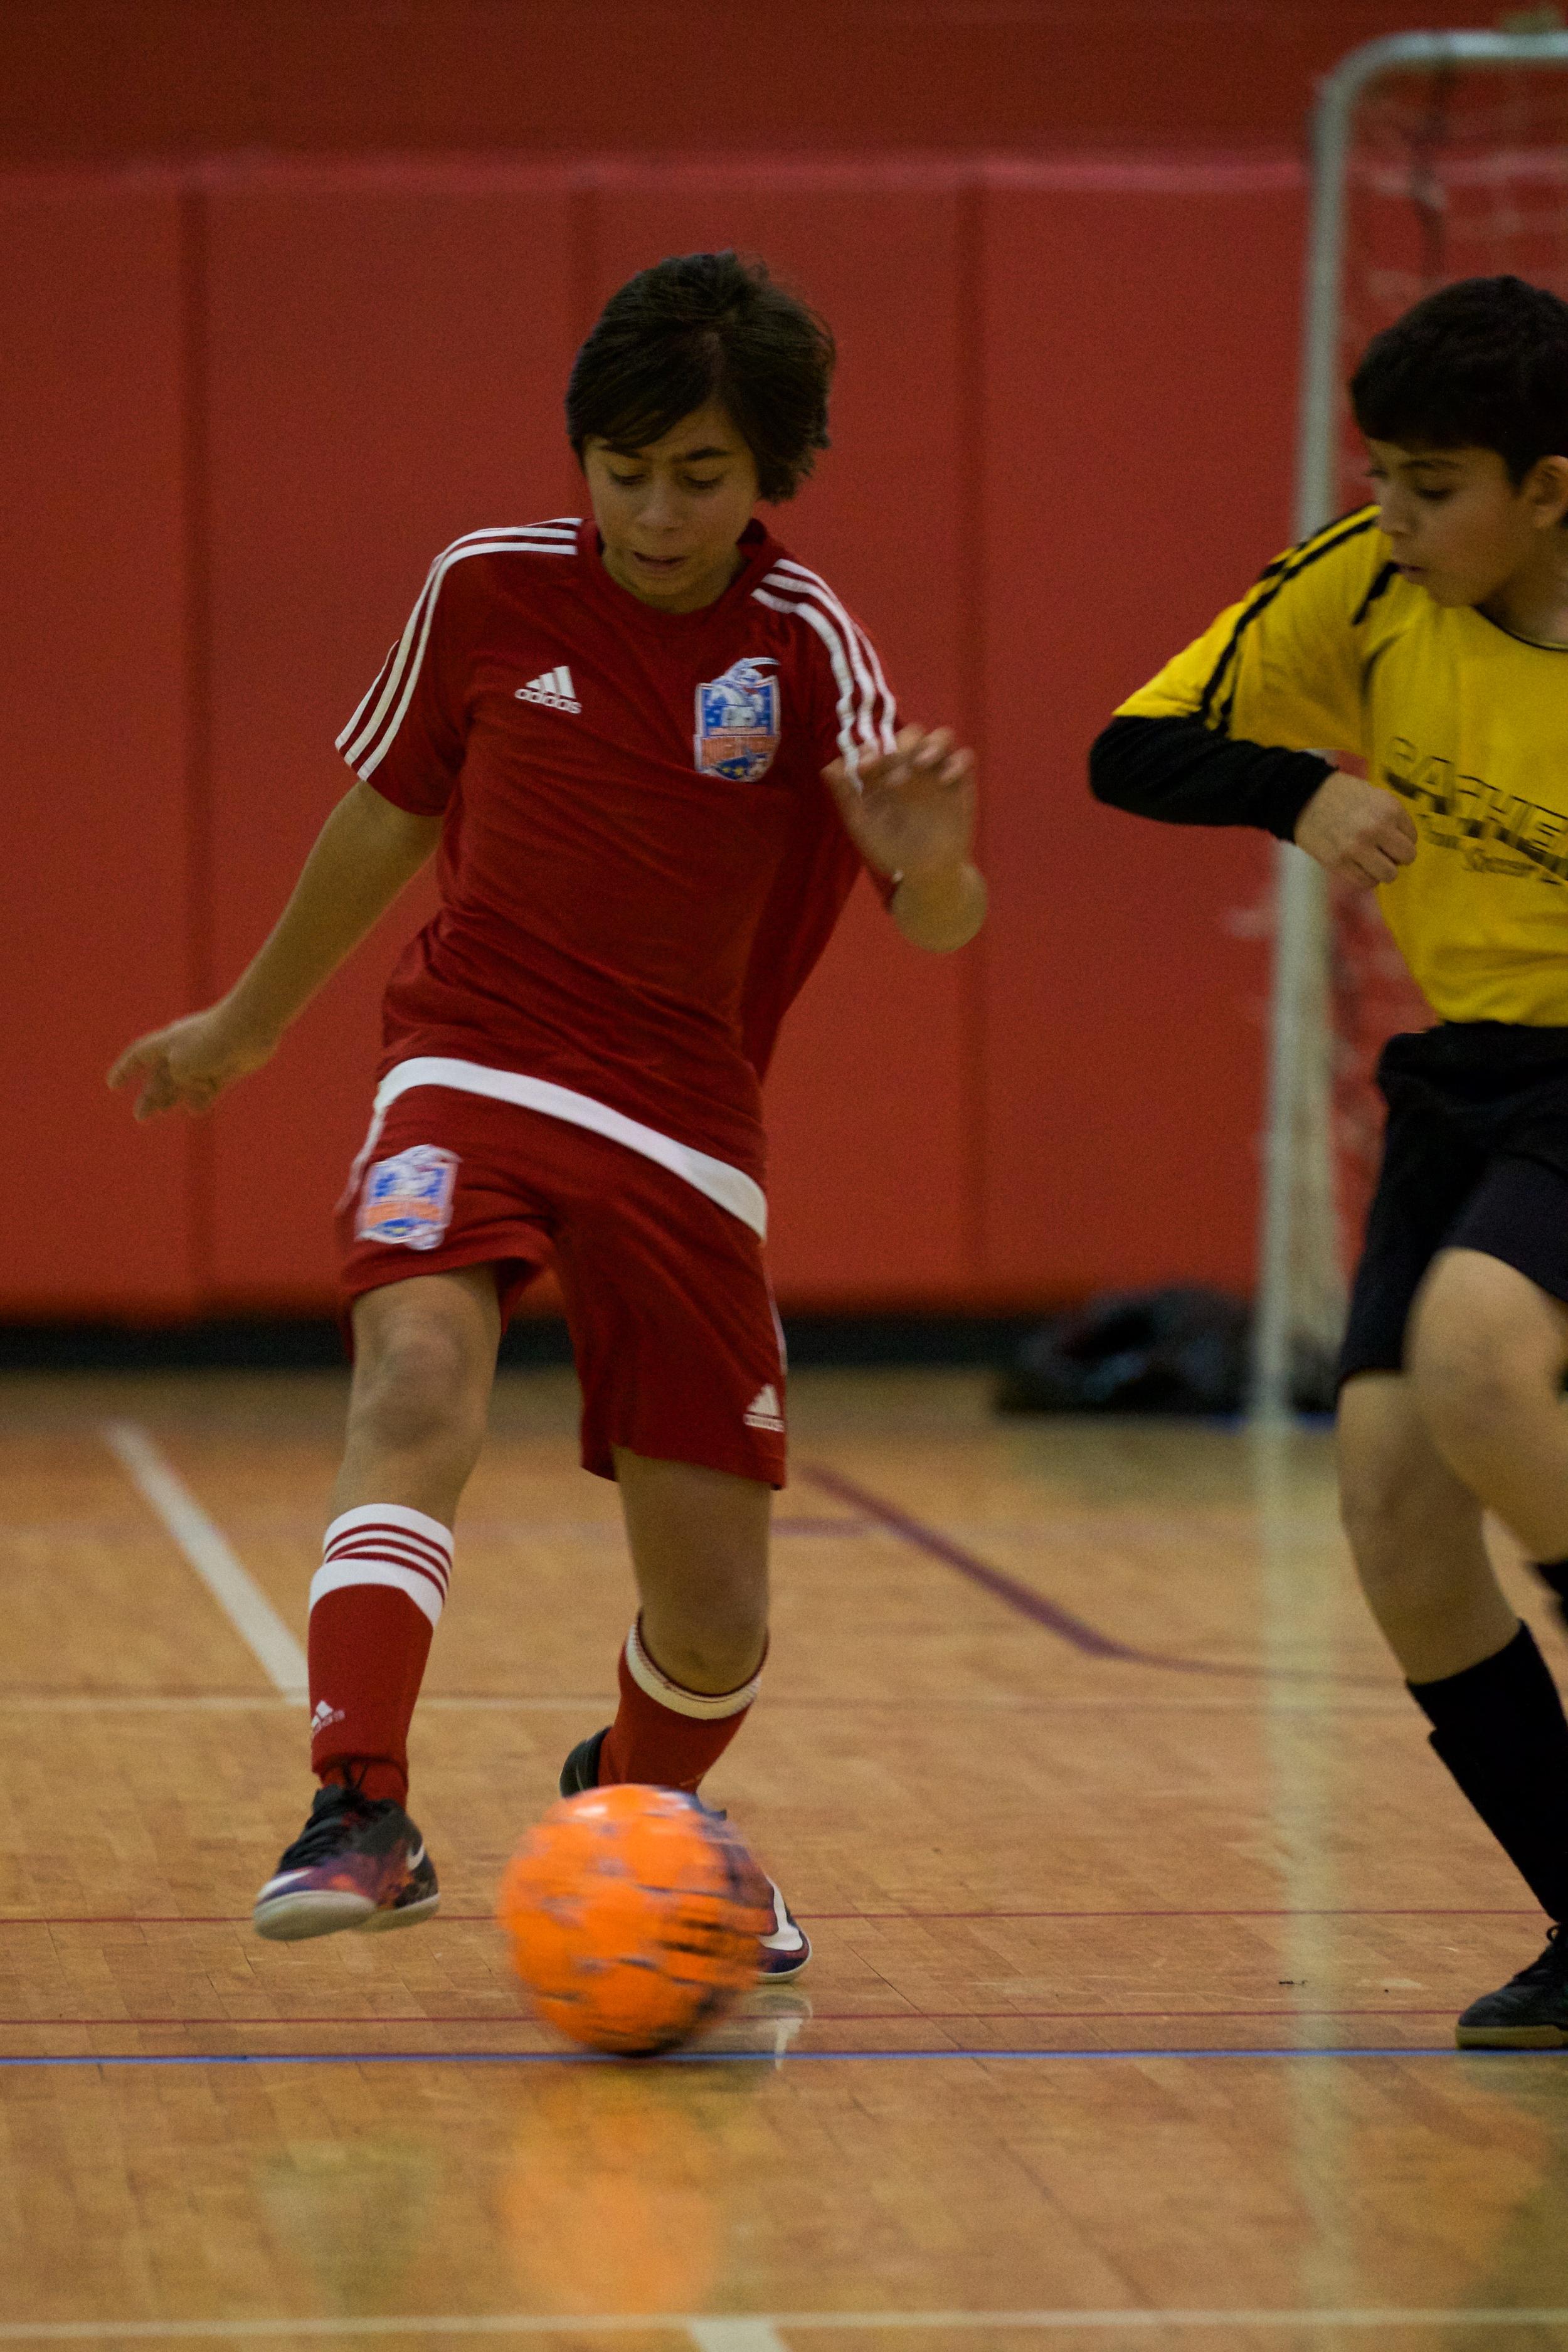 soccer 3 (15 of 36).jpg